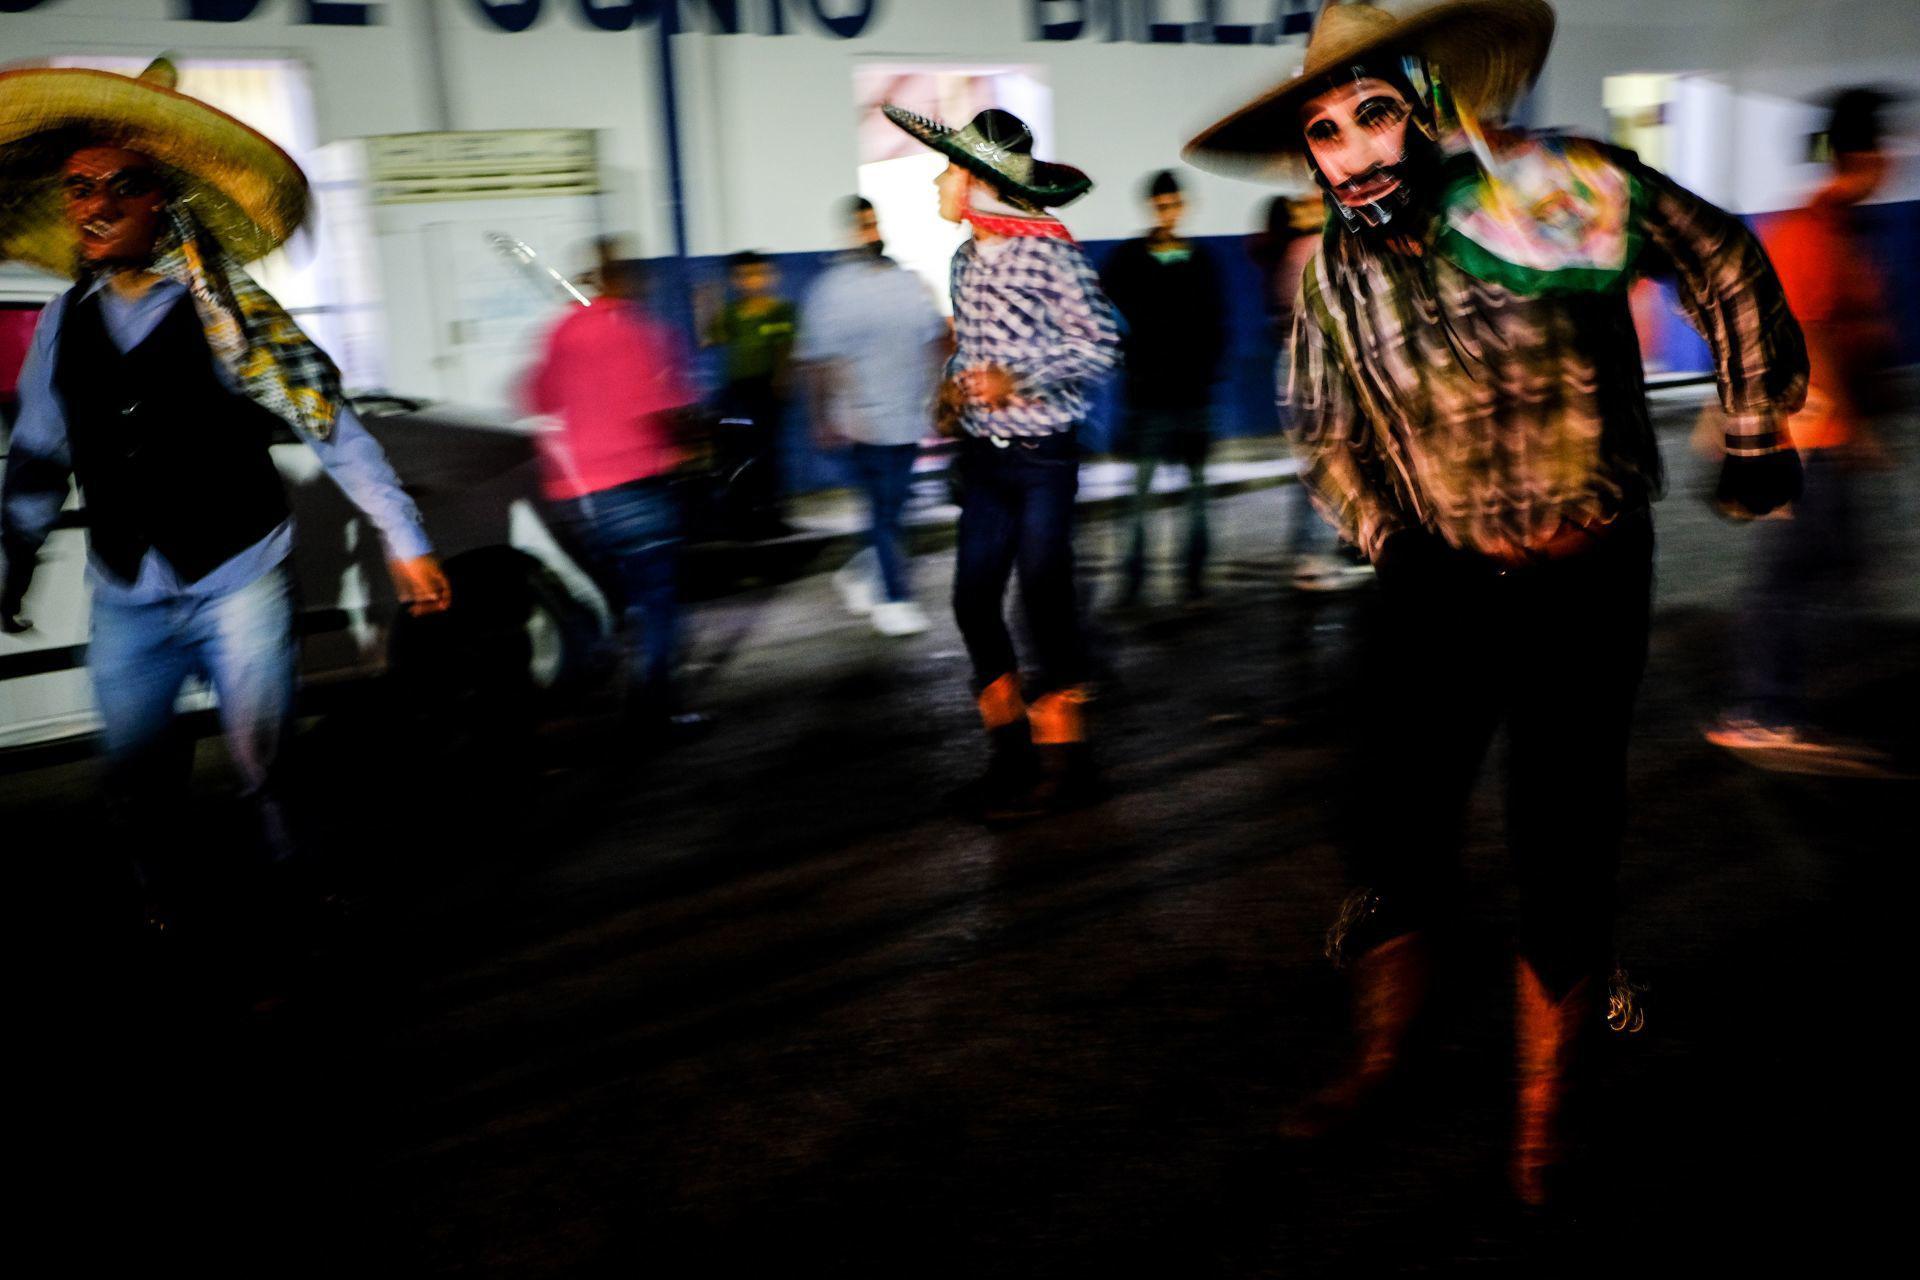 Jaltocán, Hidalgo, México. 1 de noviembre de 2020. Mermada en intensidad y afluencia por la pandemia del nuevo coronavirus, la fiesta continuó este 2020 con el tradicional baile de los